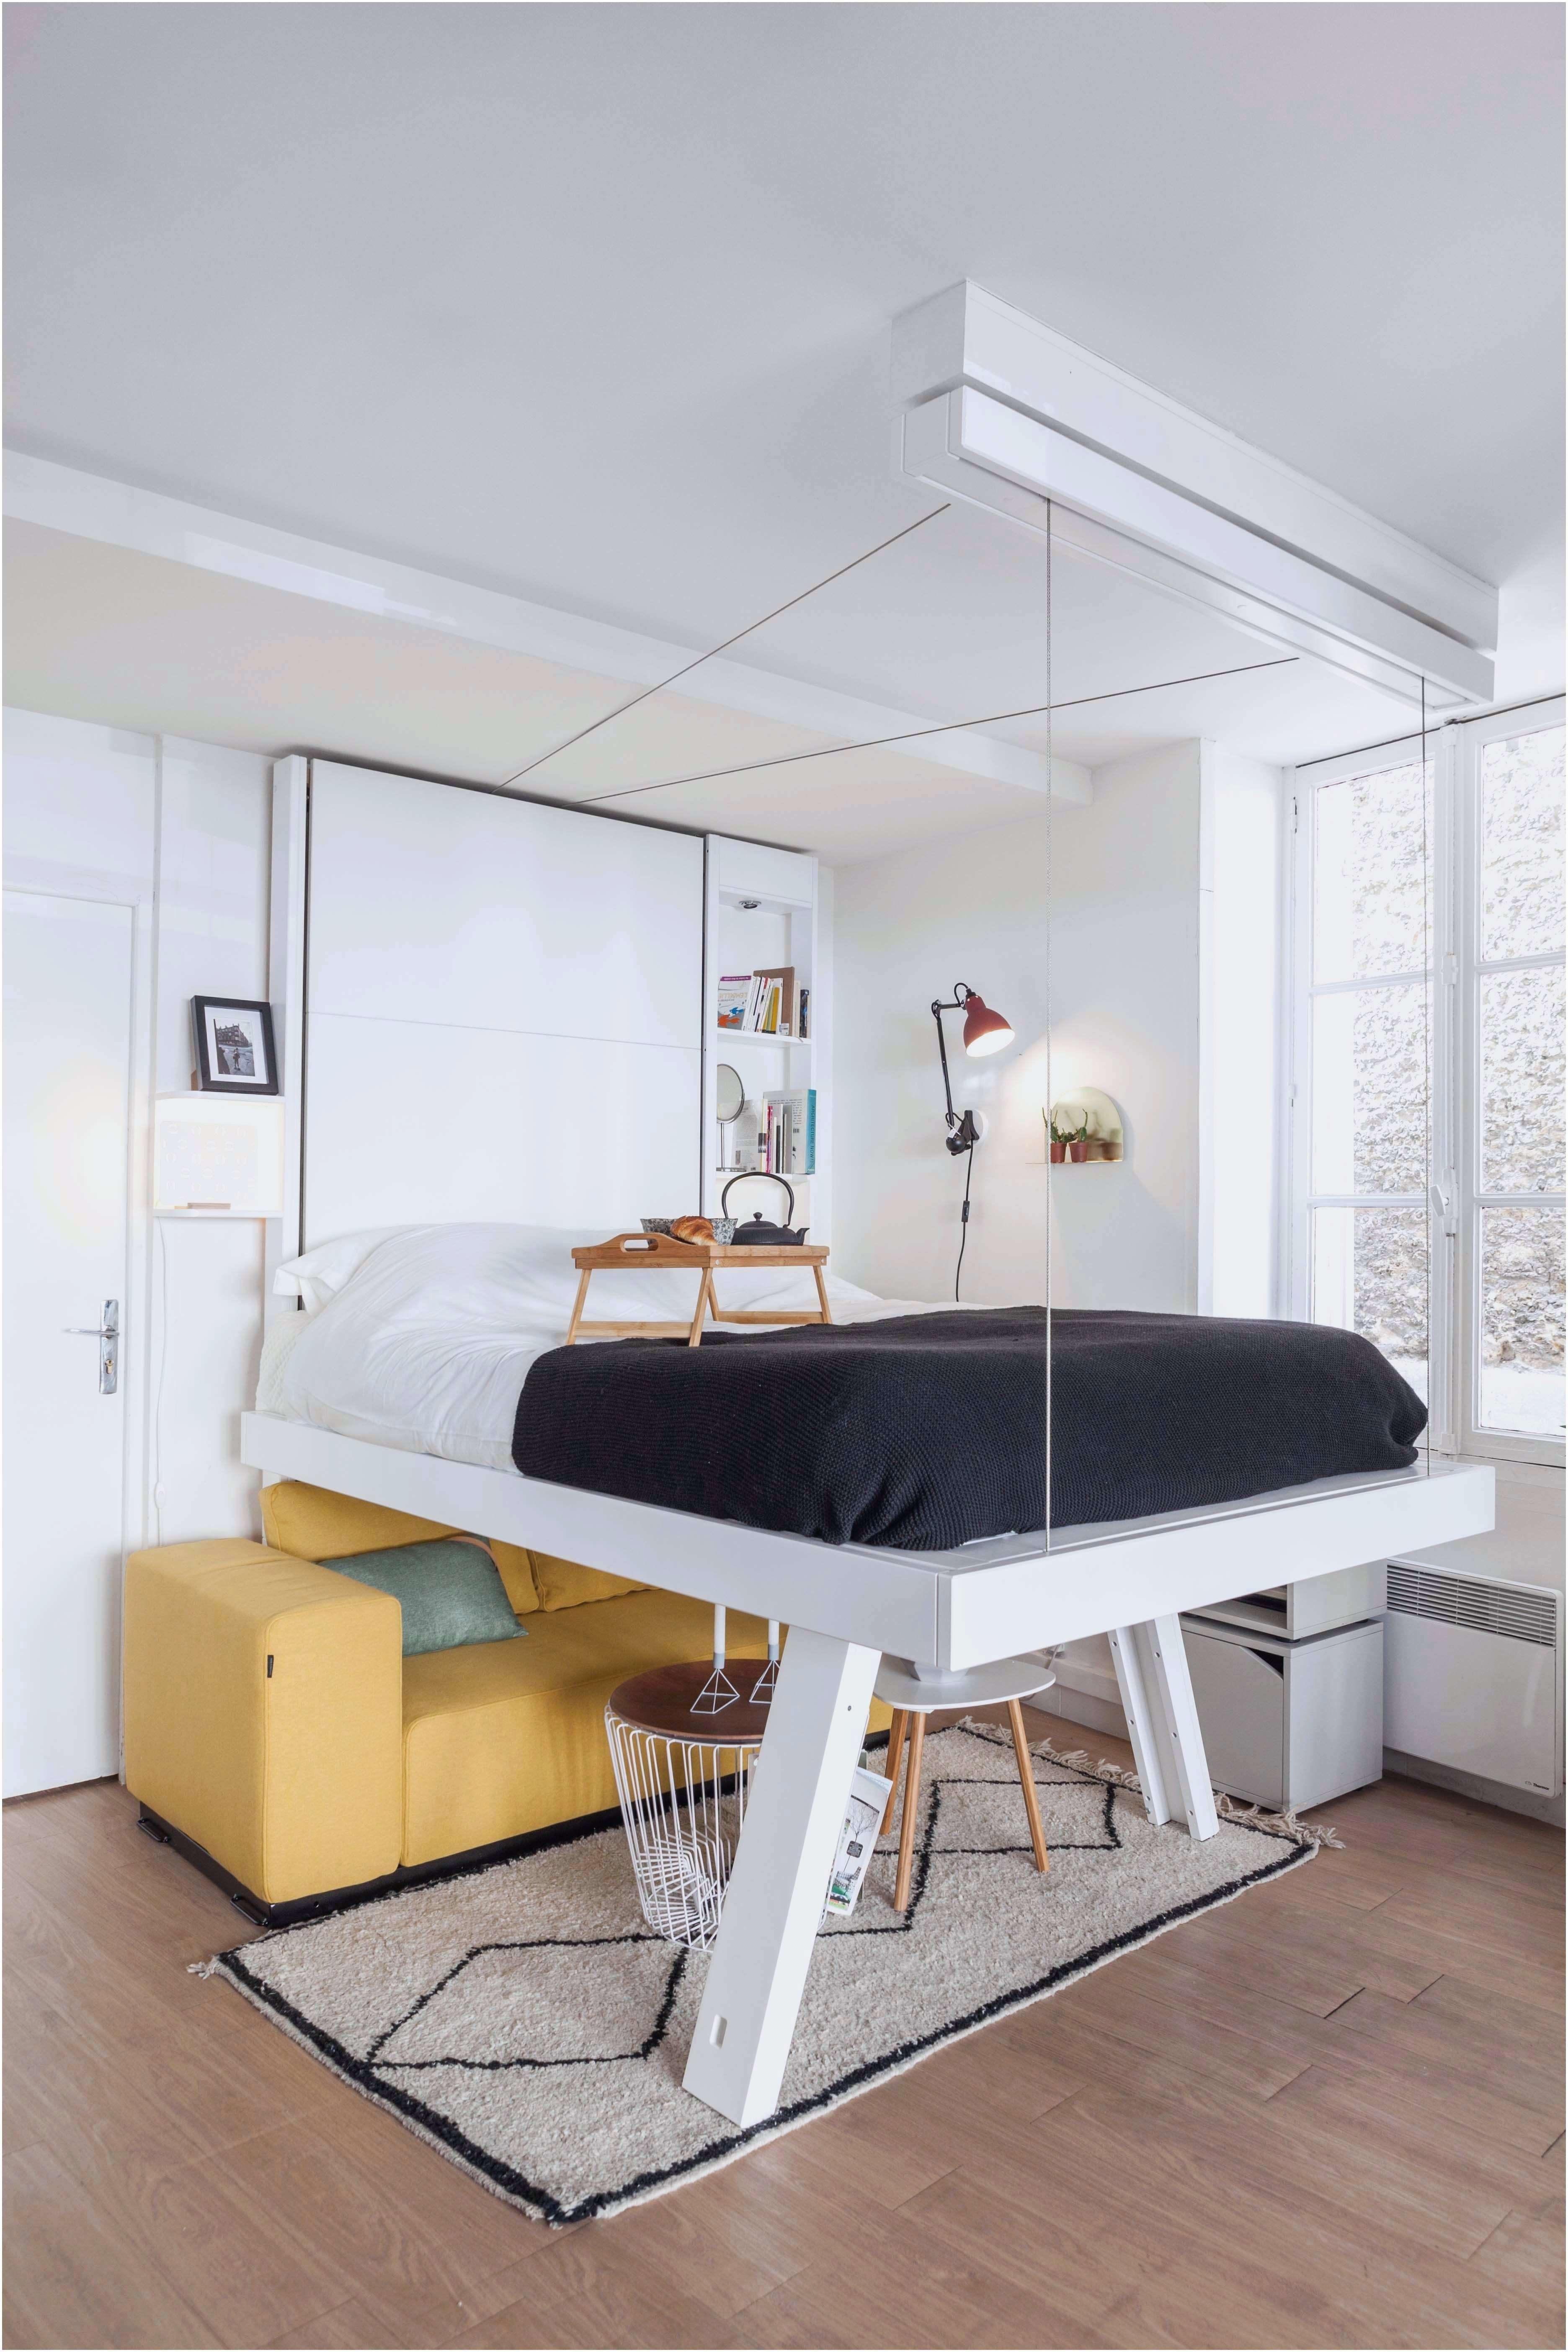 Lit Mezzanine Adulte Magnifique Nouveau Lit Mezzanine Salon Chambre Mezzanine Adulte Beau Mezzanine